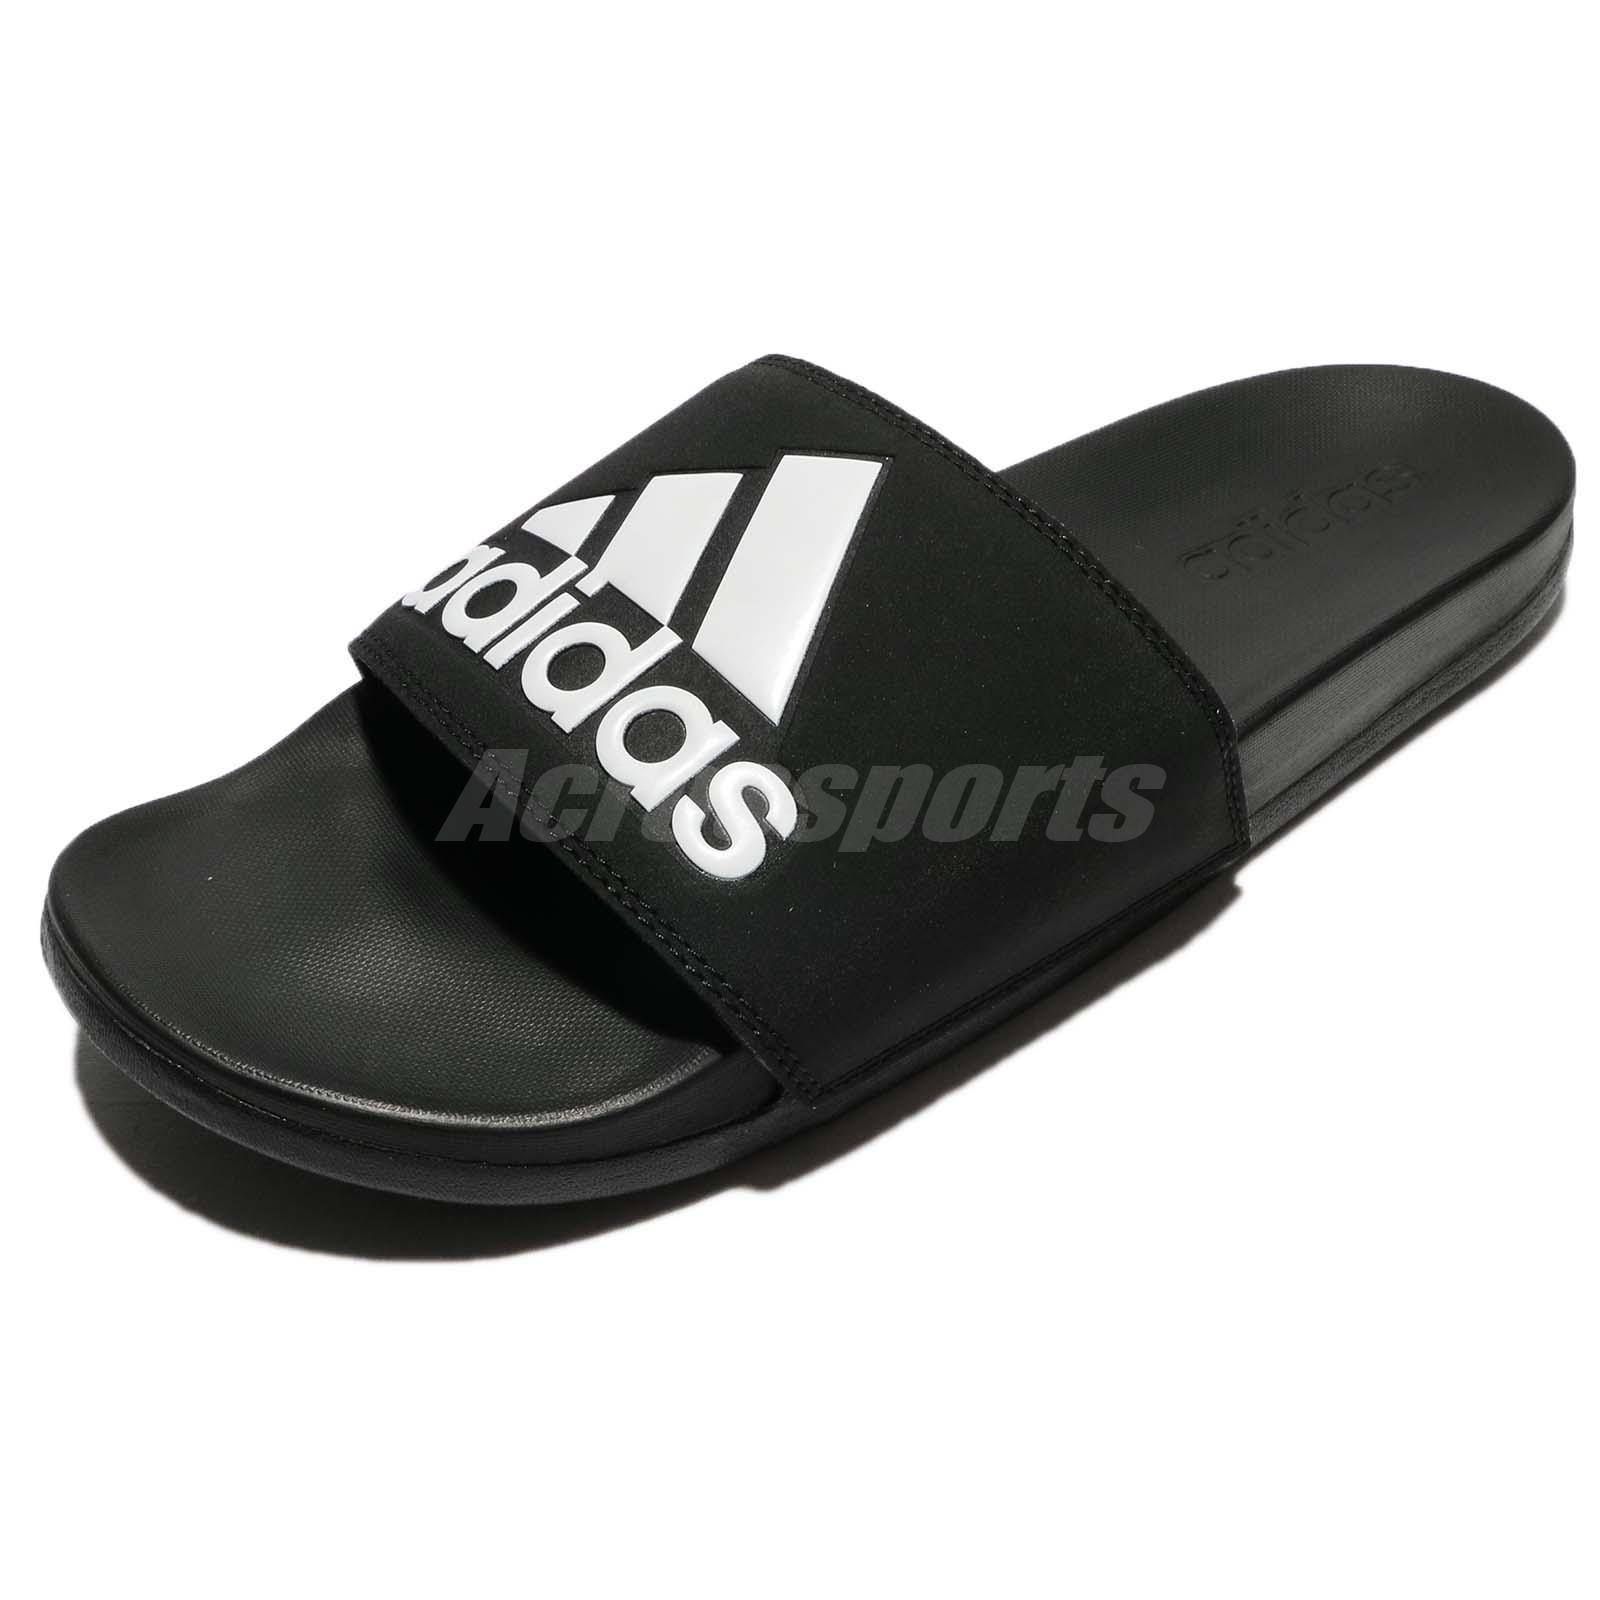 022dc9165c2139 adidas Adilette CF Comfort Logo Black White Men Sandal Slides Slippers  CG3425